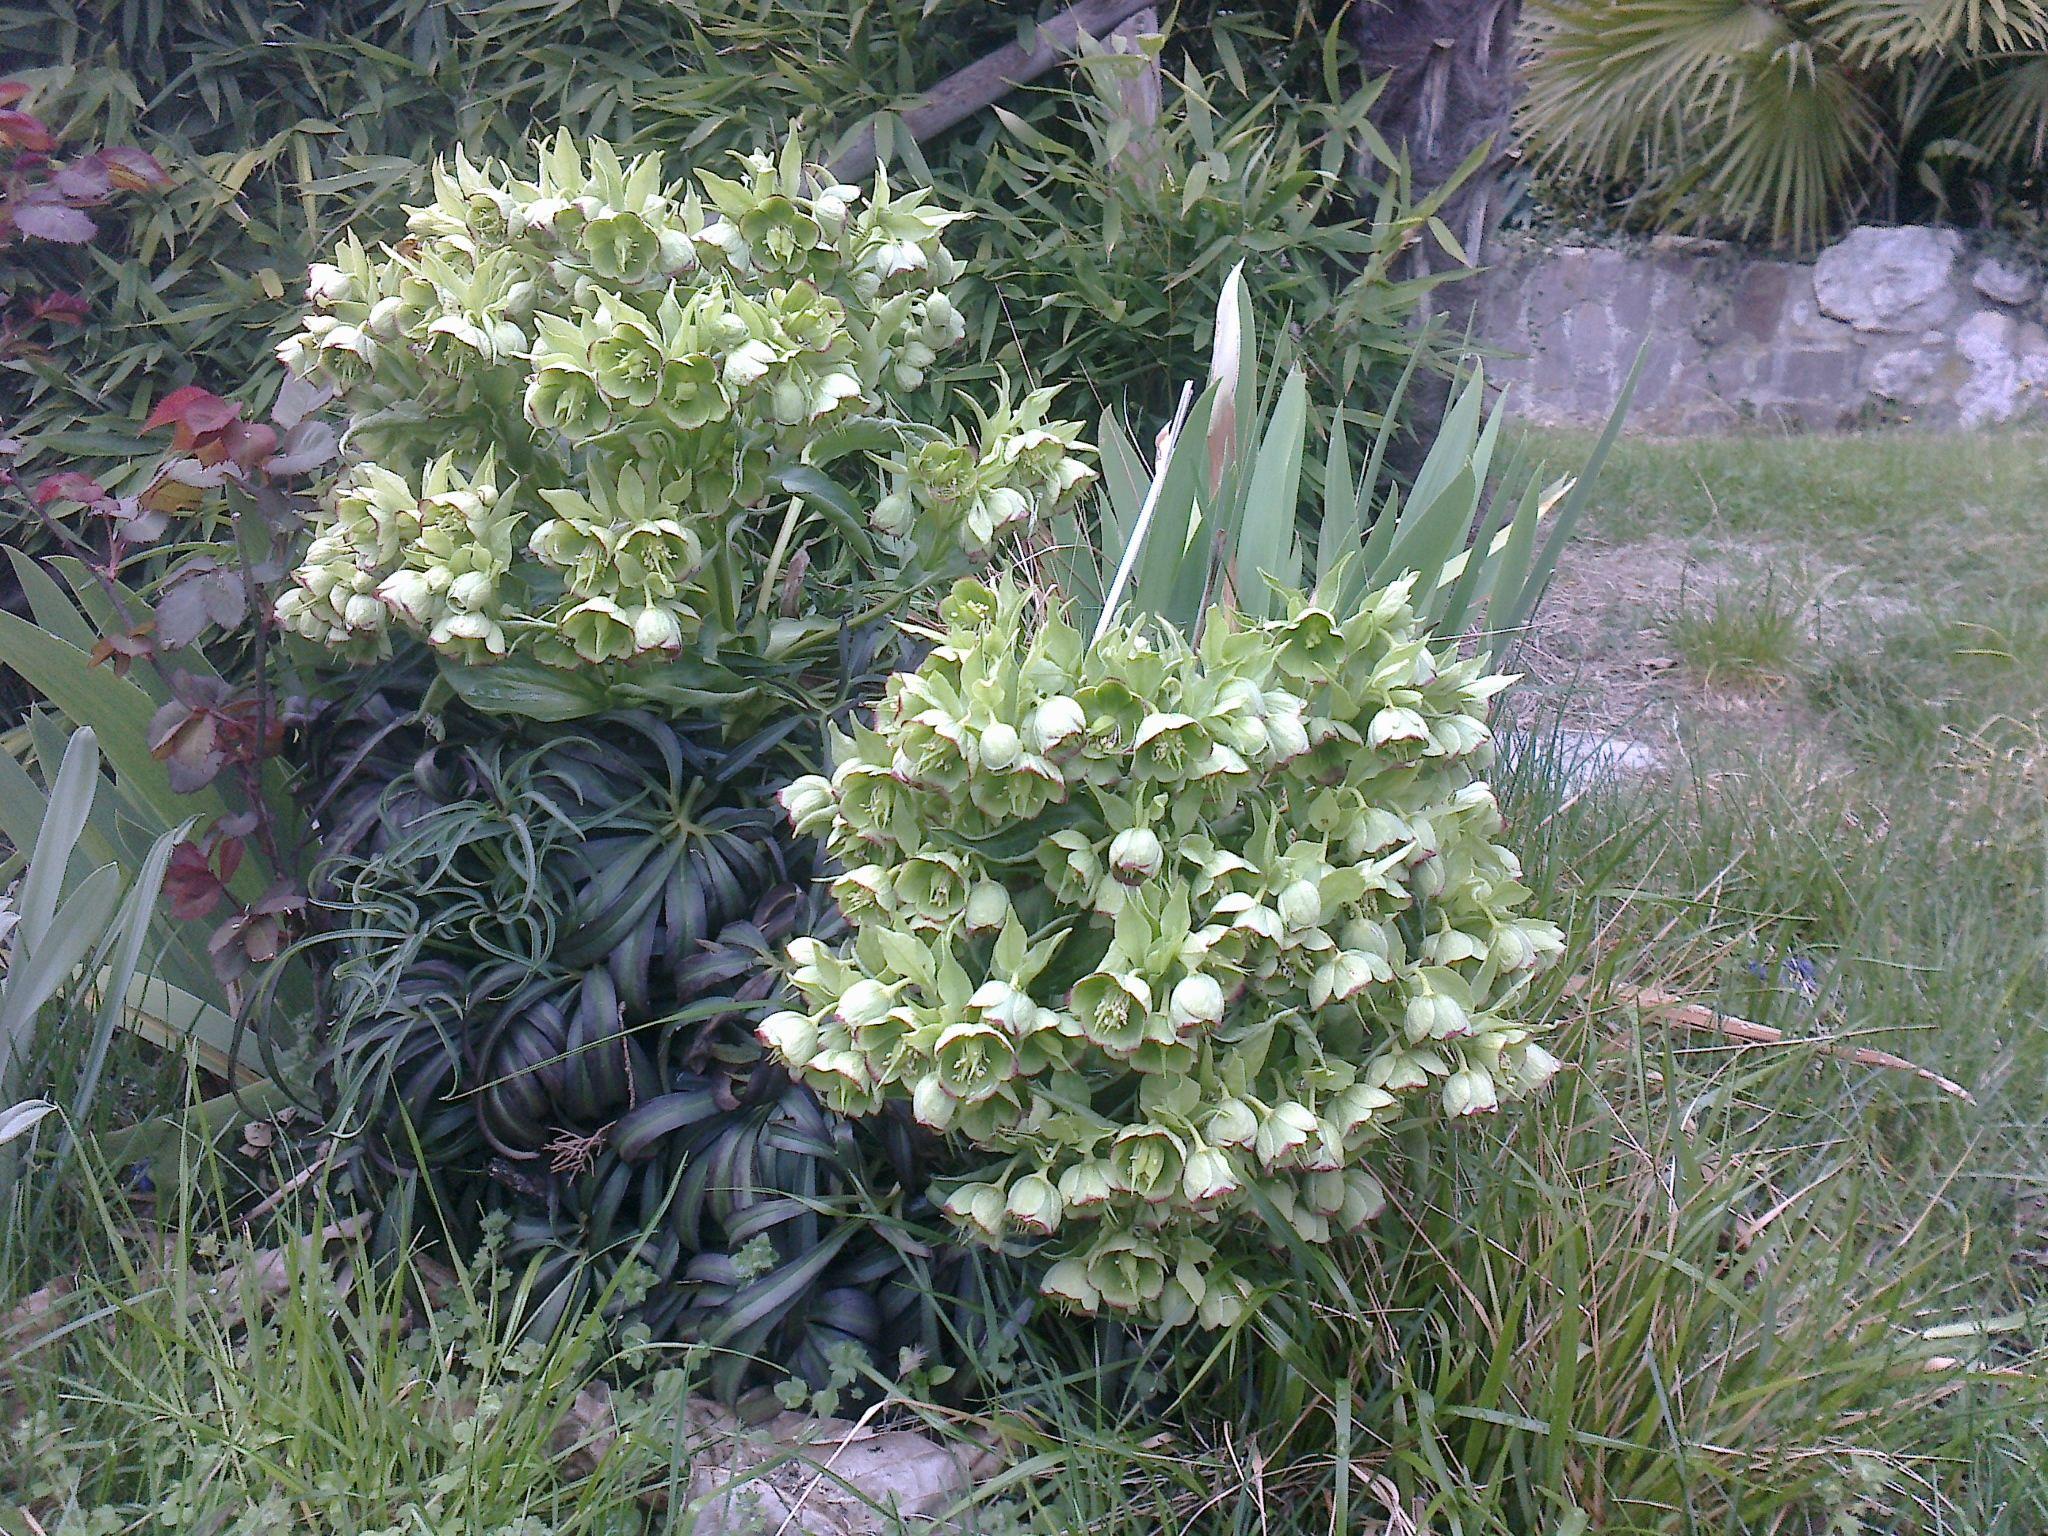 fioritura inaspettata